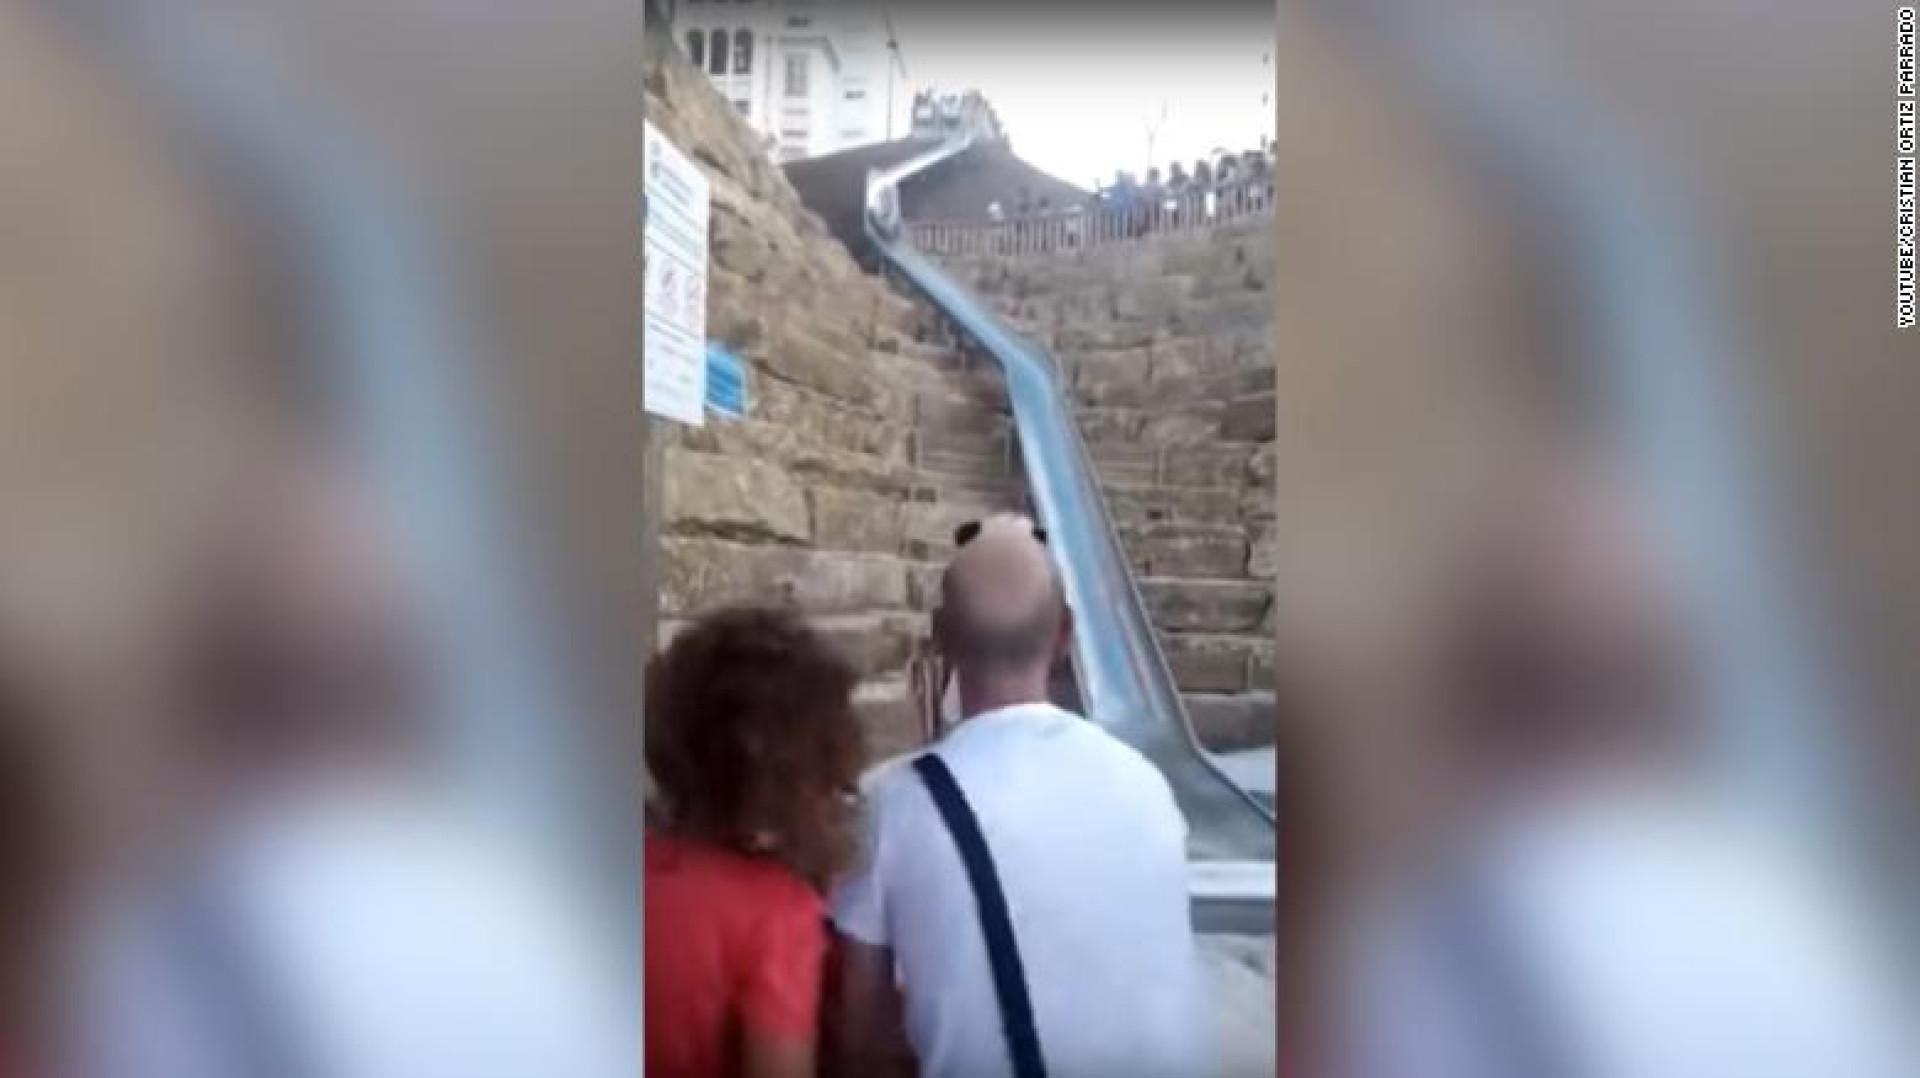 Escorrega de 38 metros encerra depois de abrir devido a várias queixas